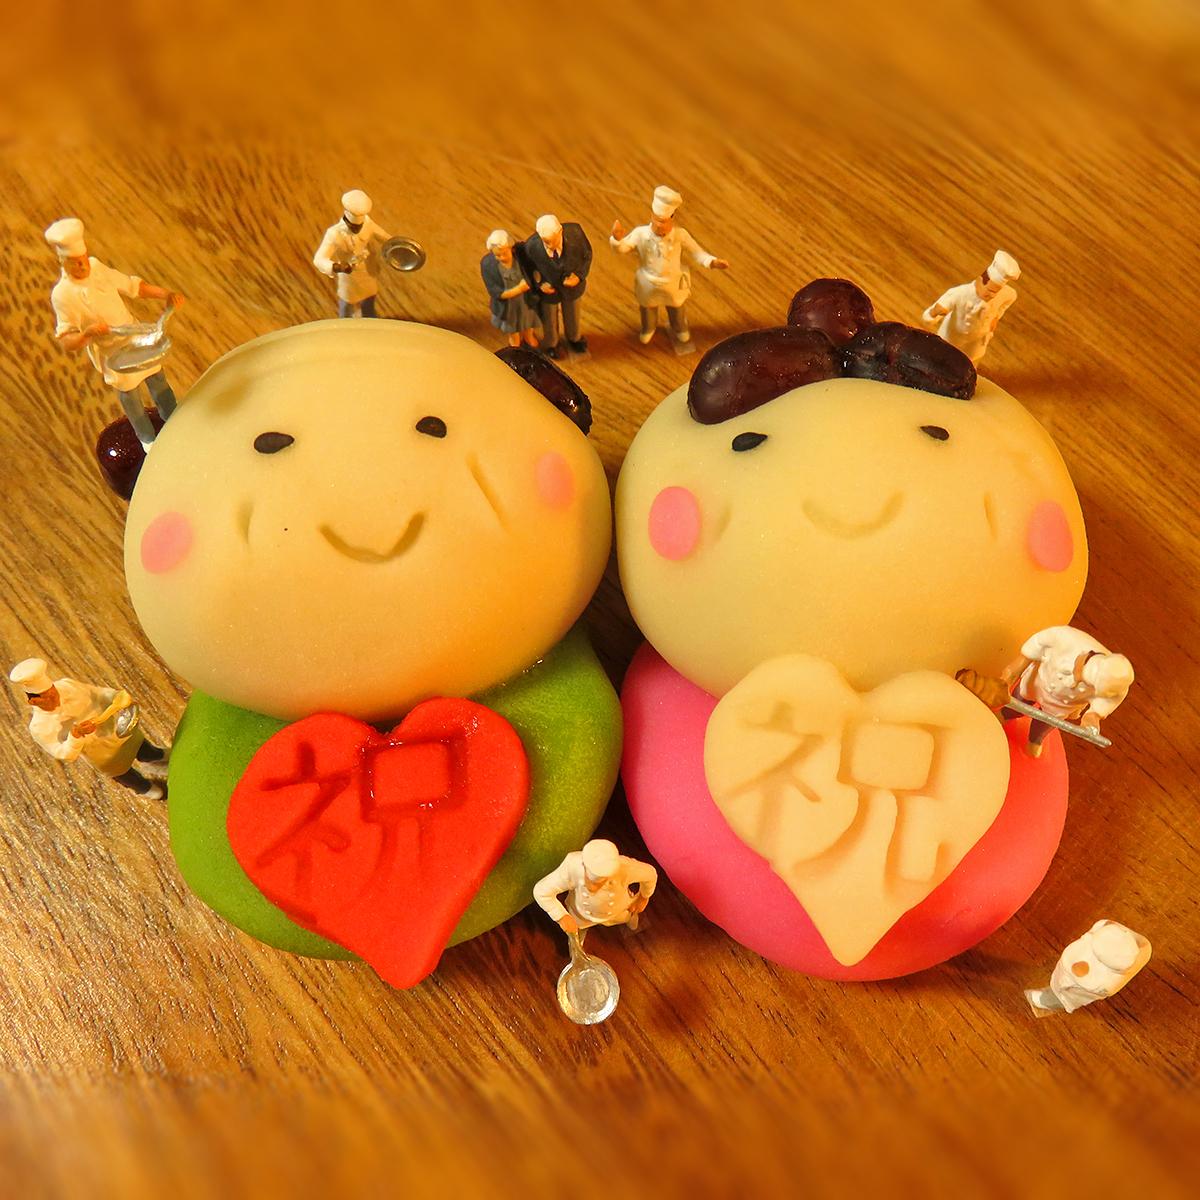 9月18日は敬老の日!創作和菓子を作る料理人たちと楽しみに待つ老人夫婦